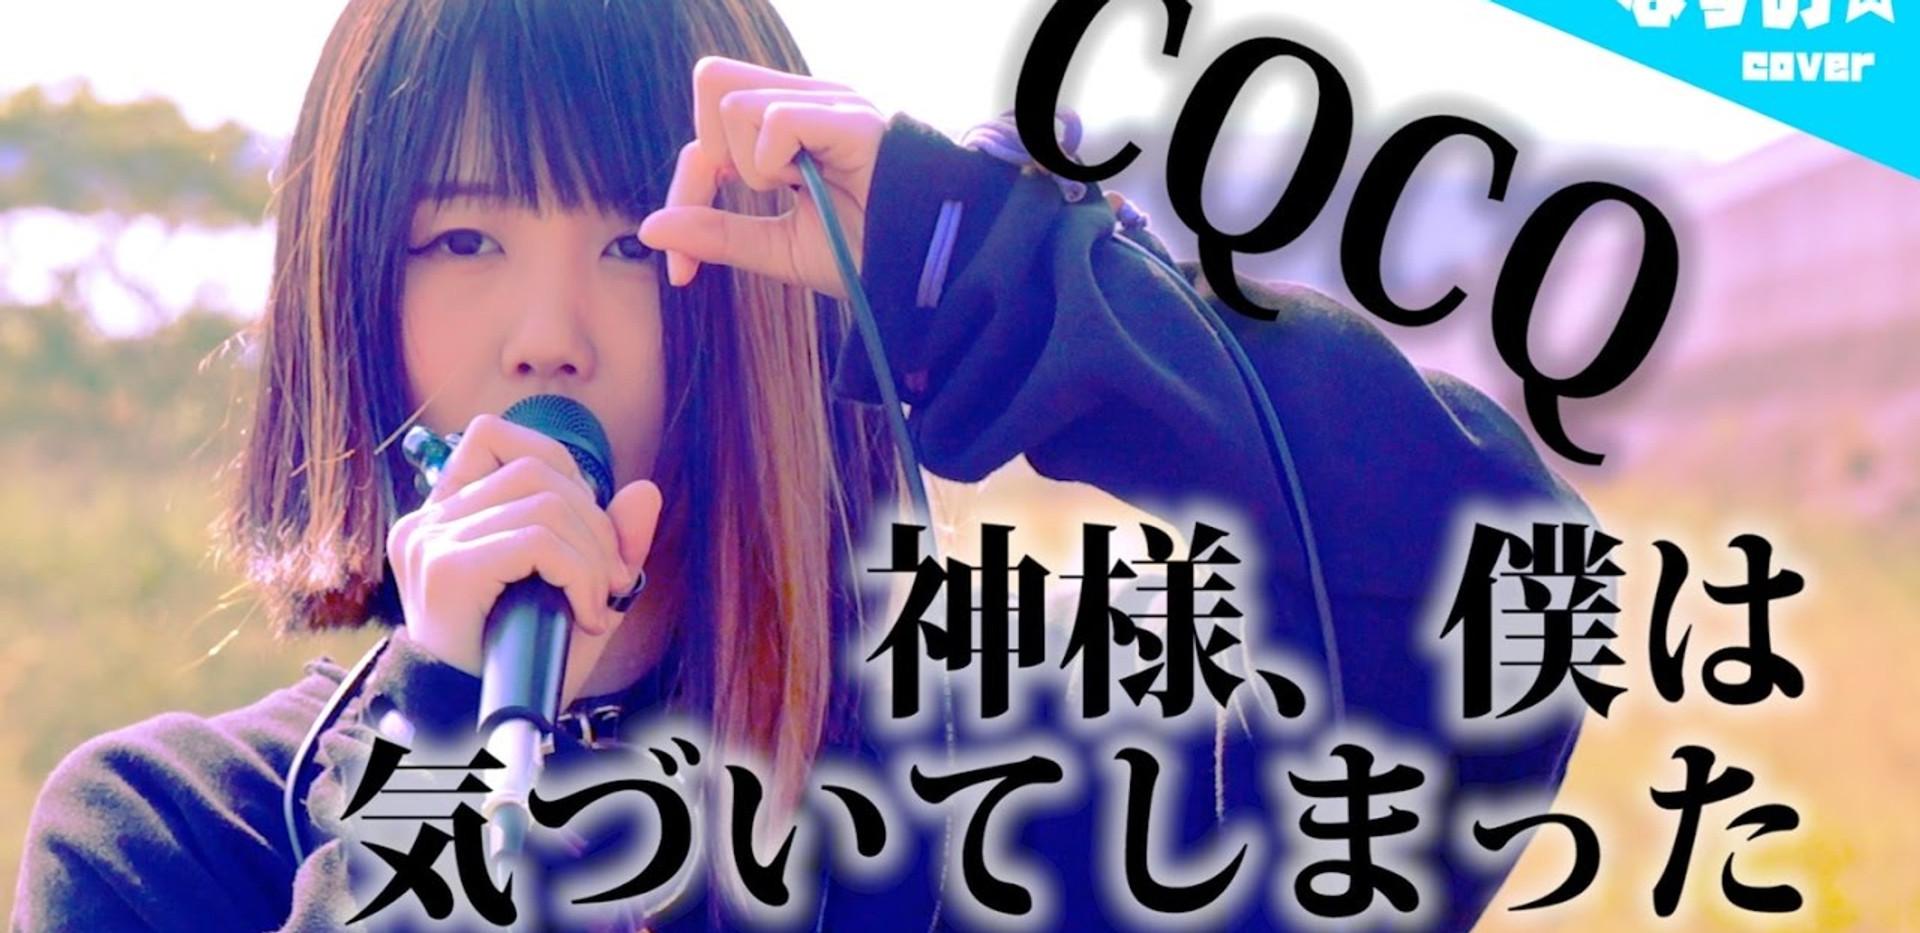 【あなたのことはそれほど主題歌】CQCQ - 神様、僕は気づいてしまった 〜acoustic ver.〜 (なすお☆cover)